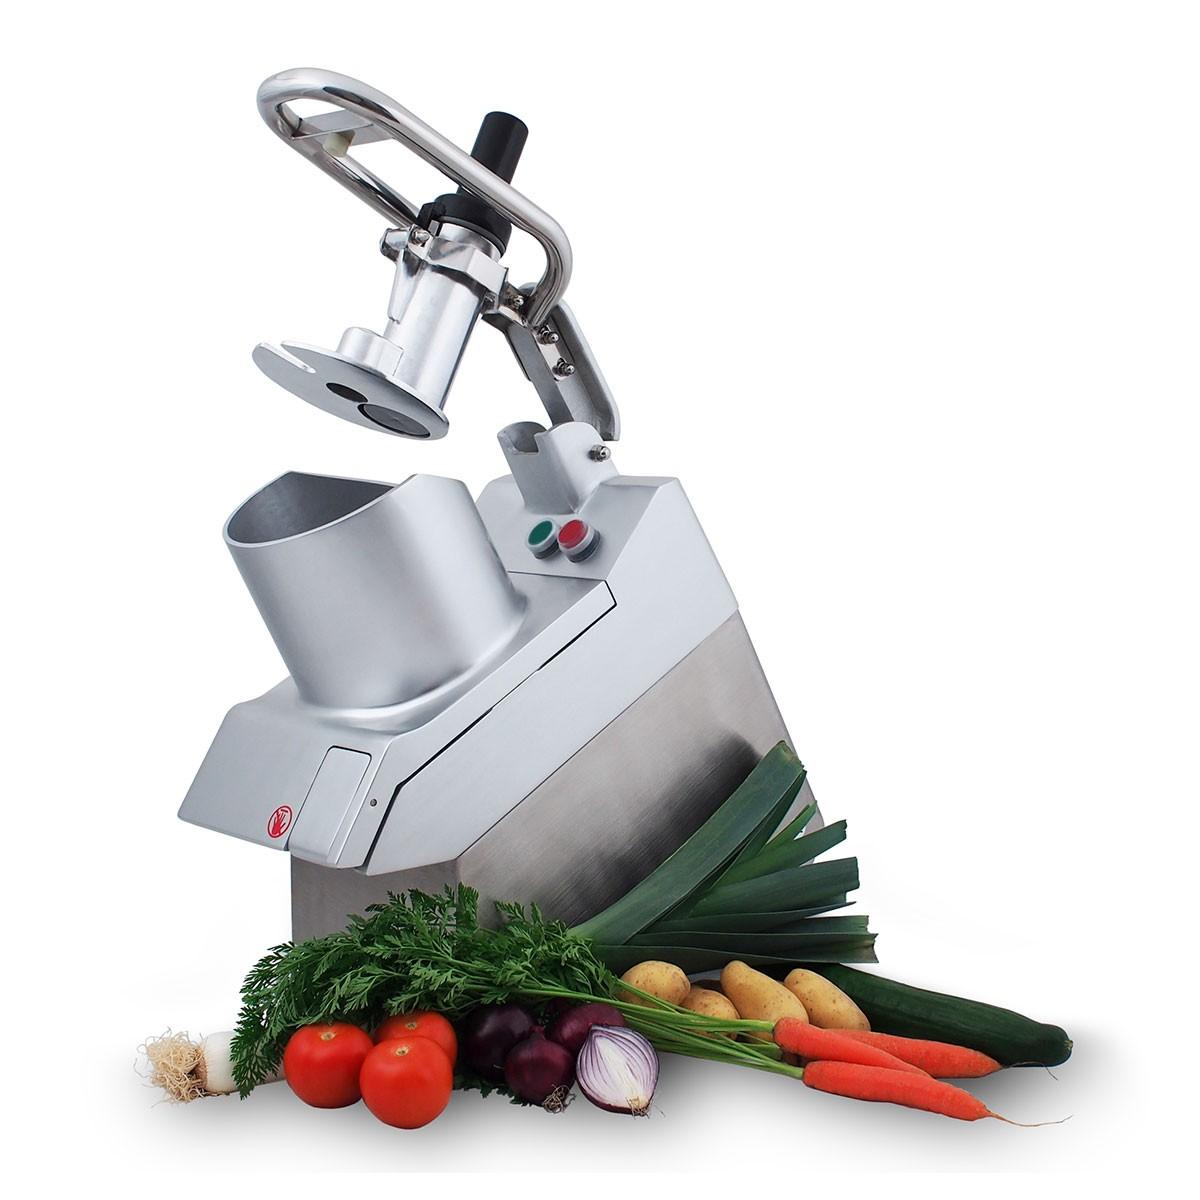 Gemüseschneidemaschine Titus - runder Einfülltrichter Saro